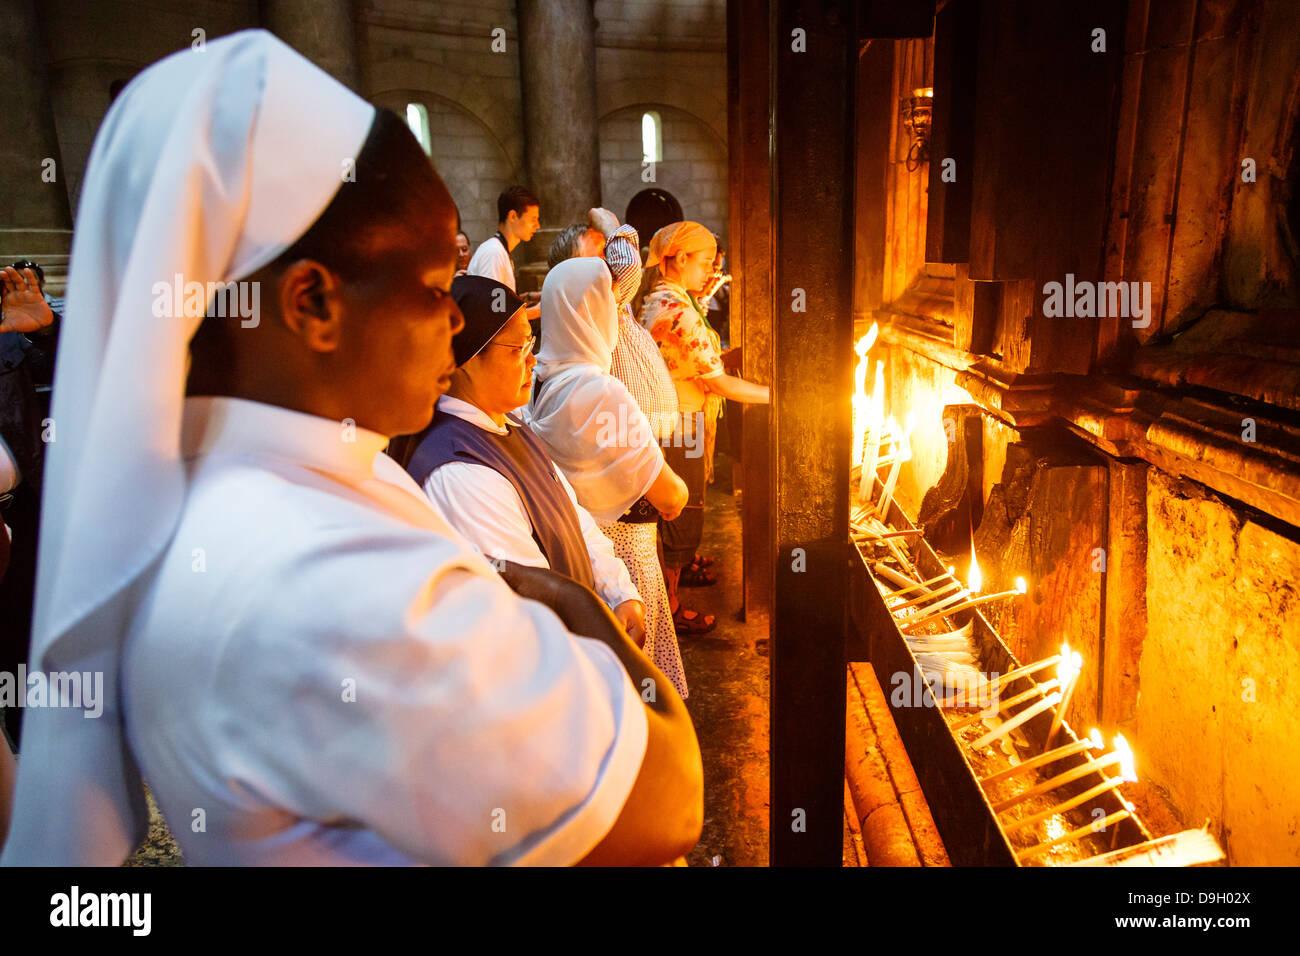 Les gens à l'église du Saint-Sépulcre dans la vieille ville, Jérusalem, Israël. Photo Stock